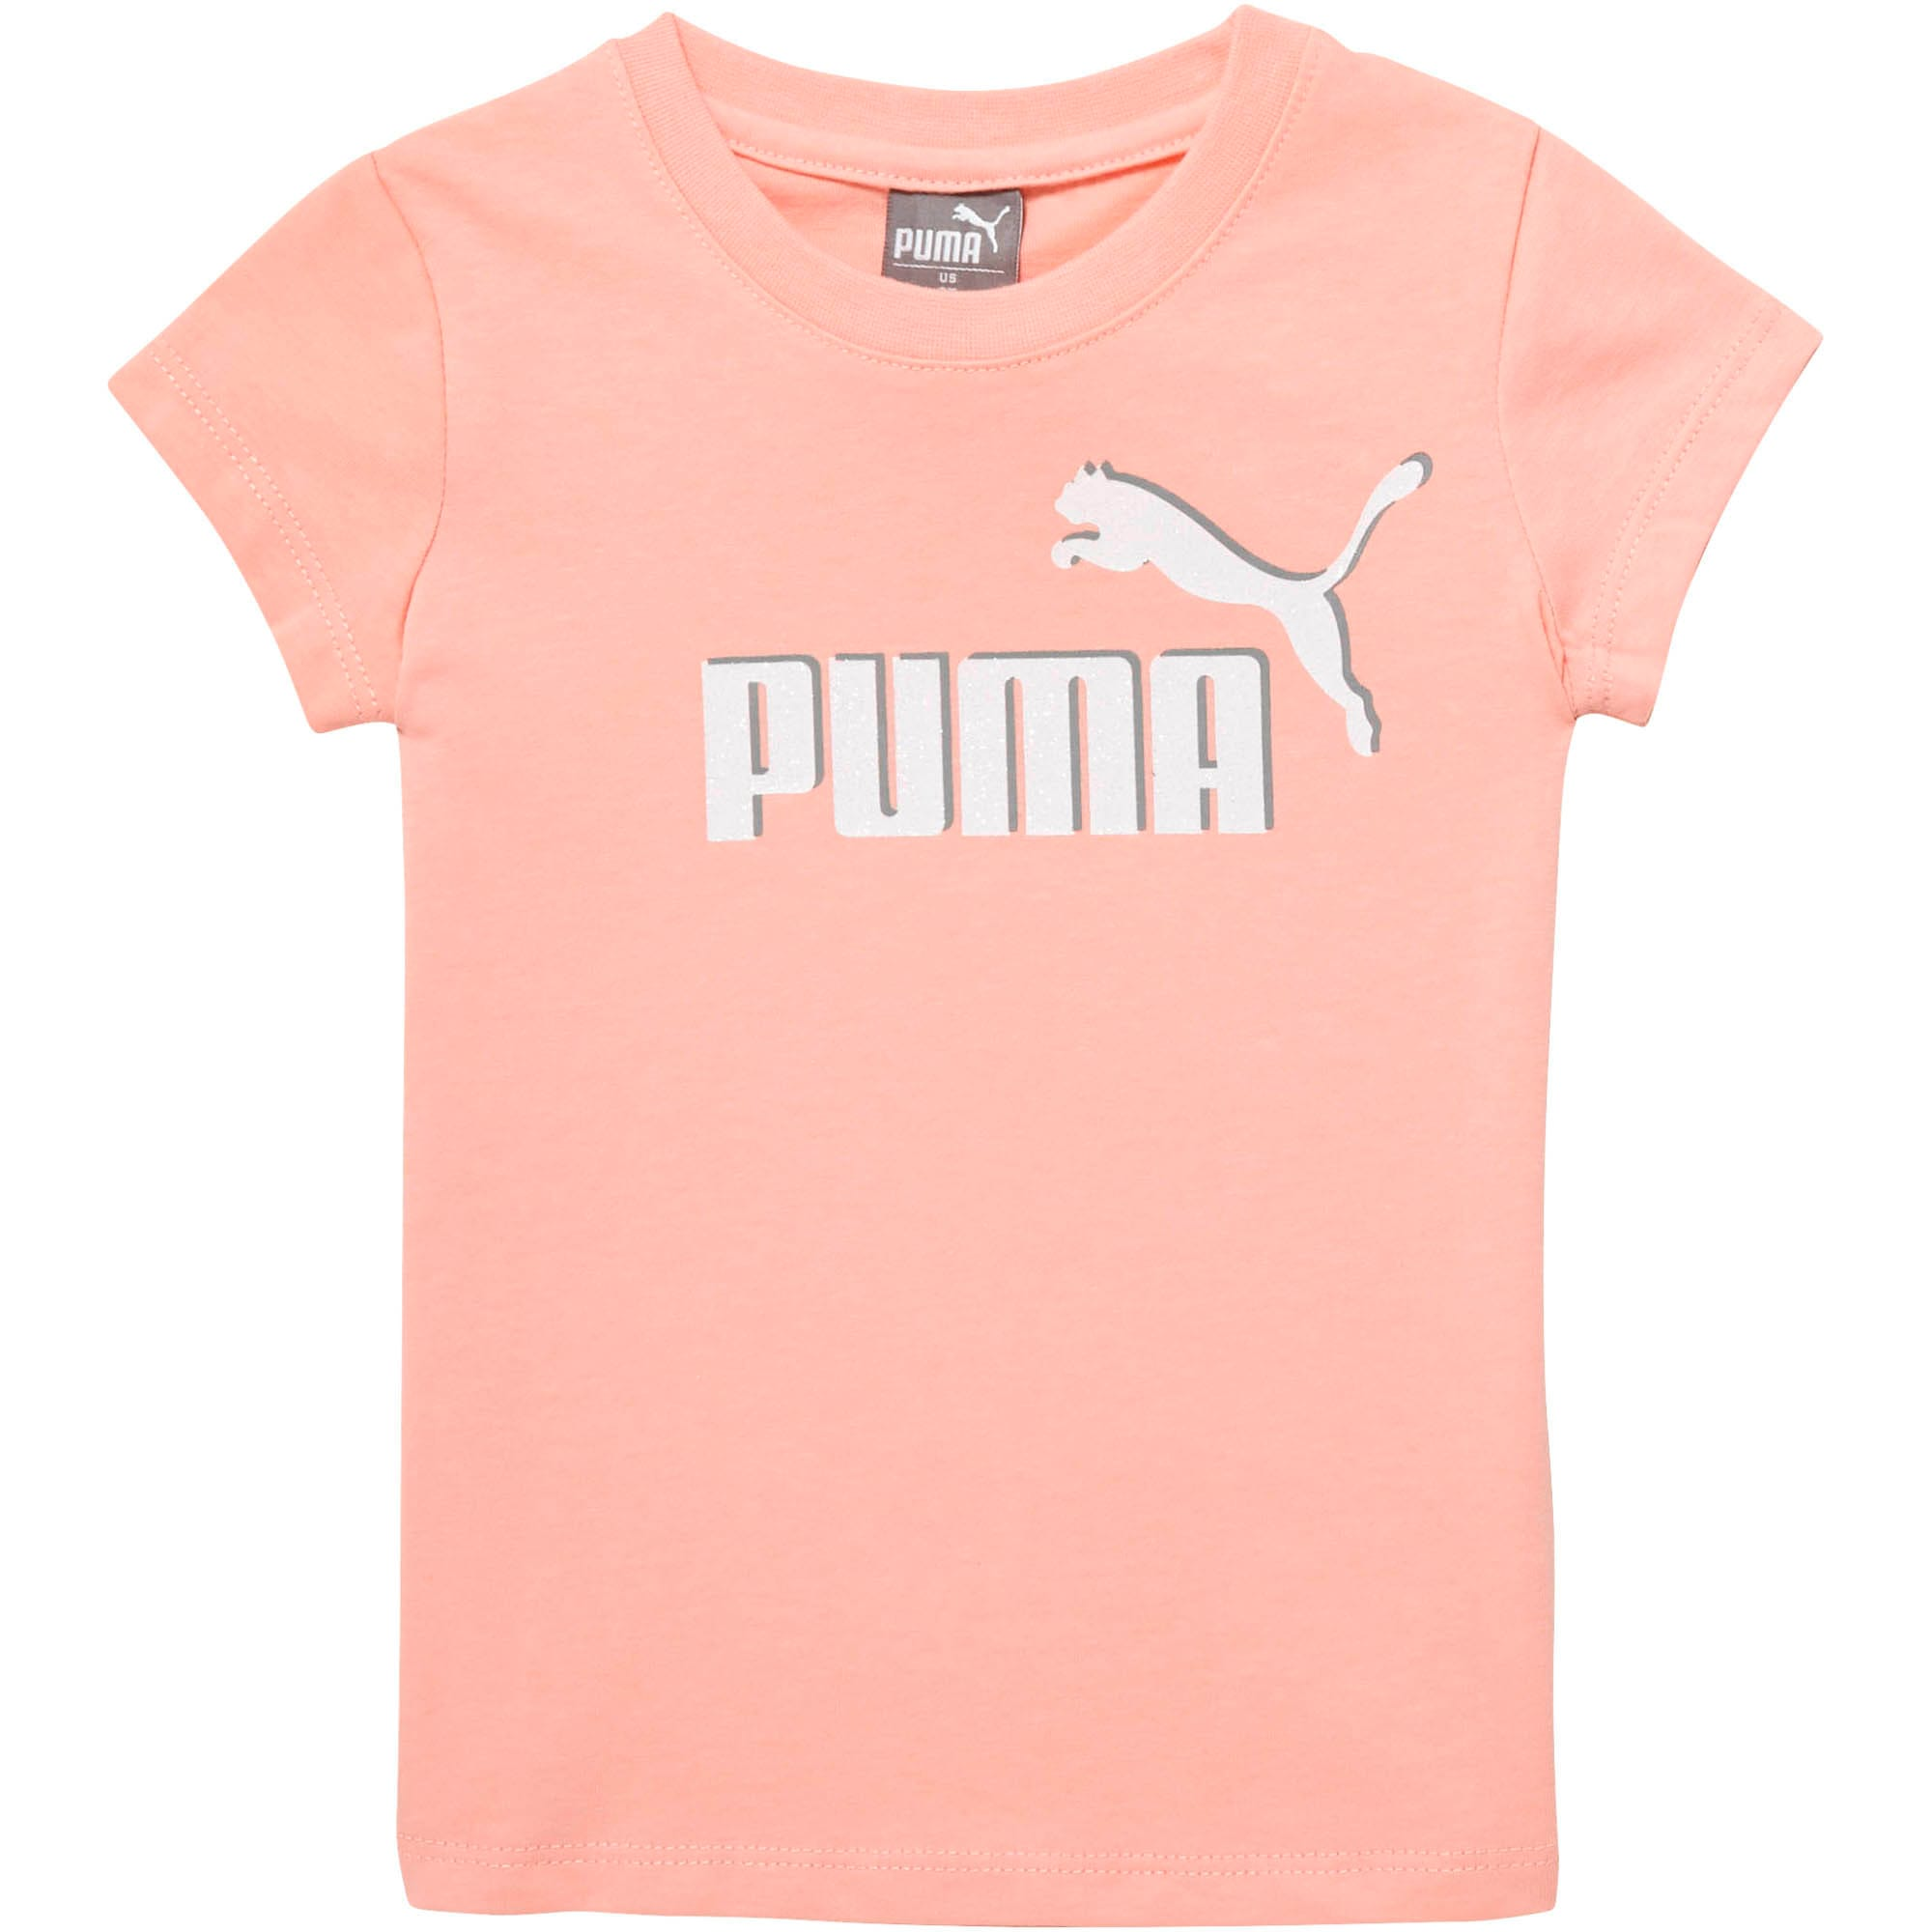 Miniatura 1 de Camiseta de jersey de algodón con logo para bebés, PEACH BUD, mediano